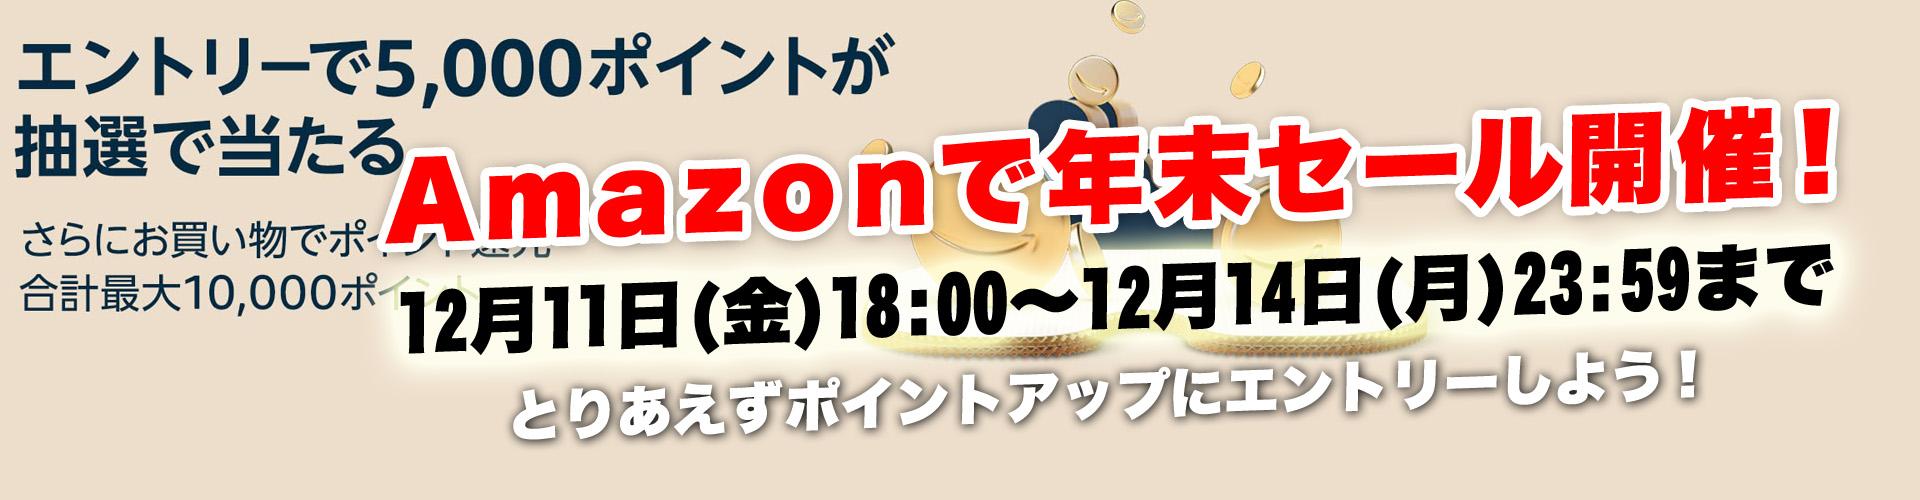 12月11日からAmazonで年末贈り物セールスタート!(2020)